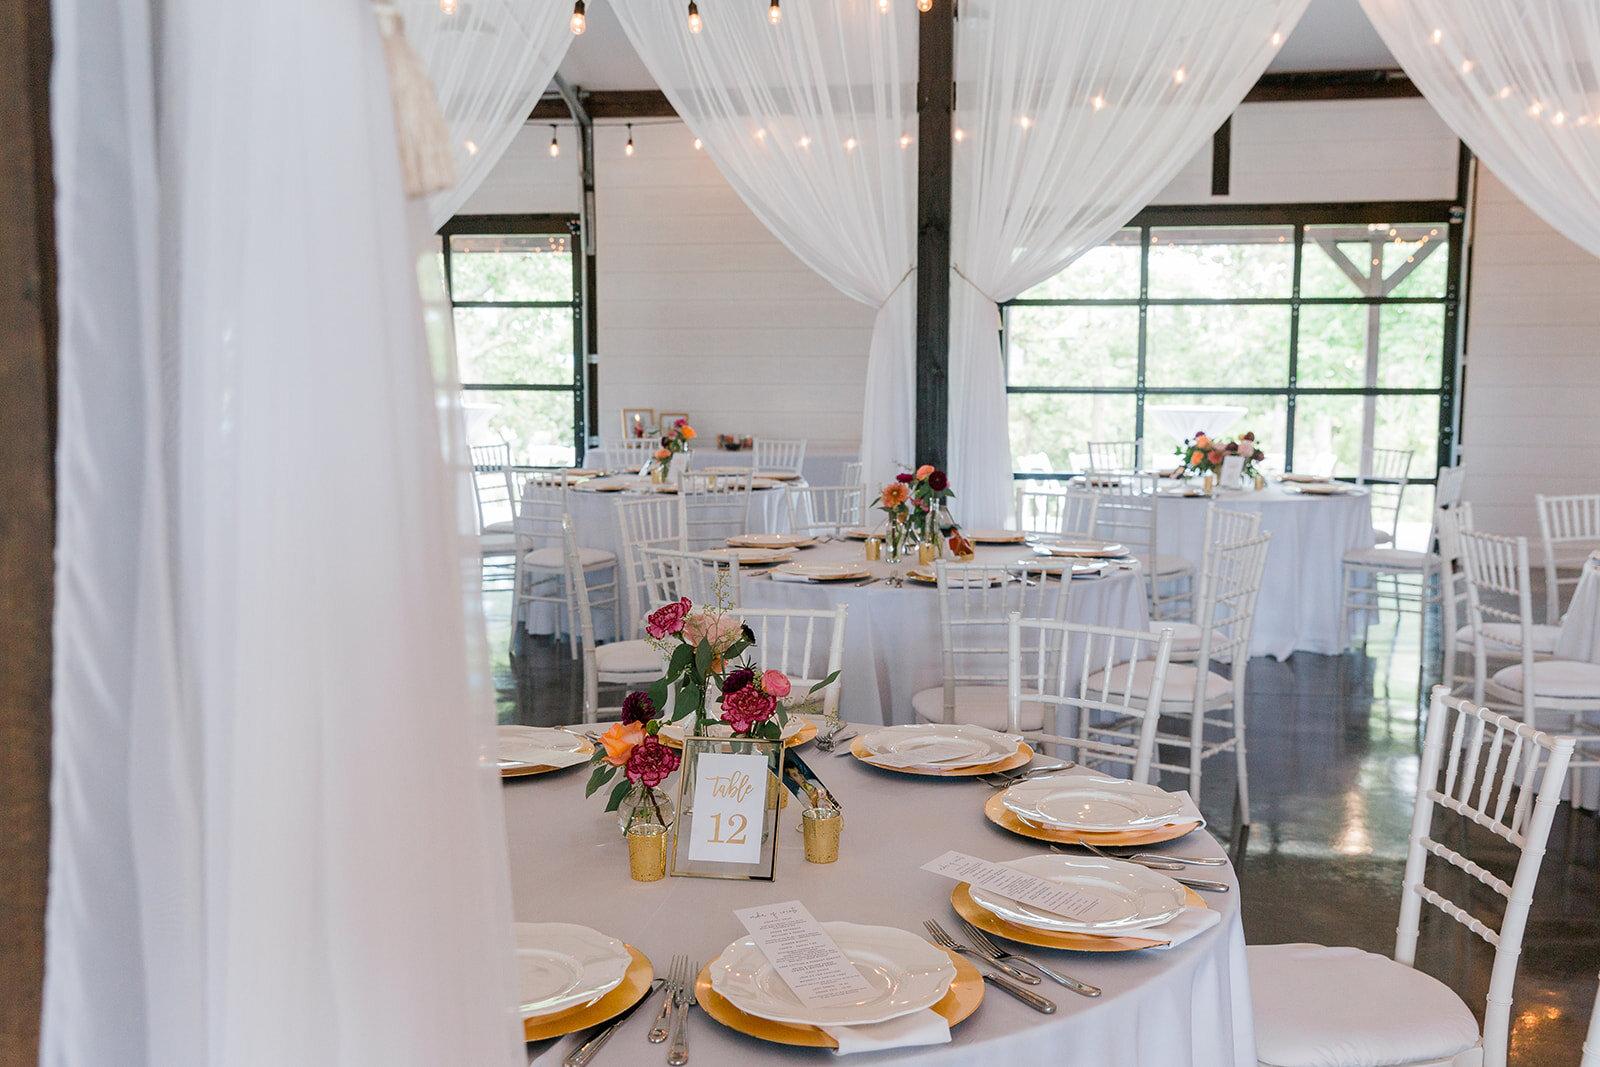 Tulsa Oklahoma Wedding Venues 24.jpg